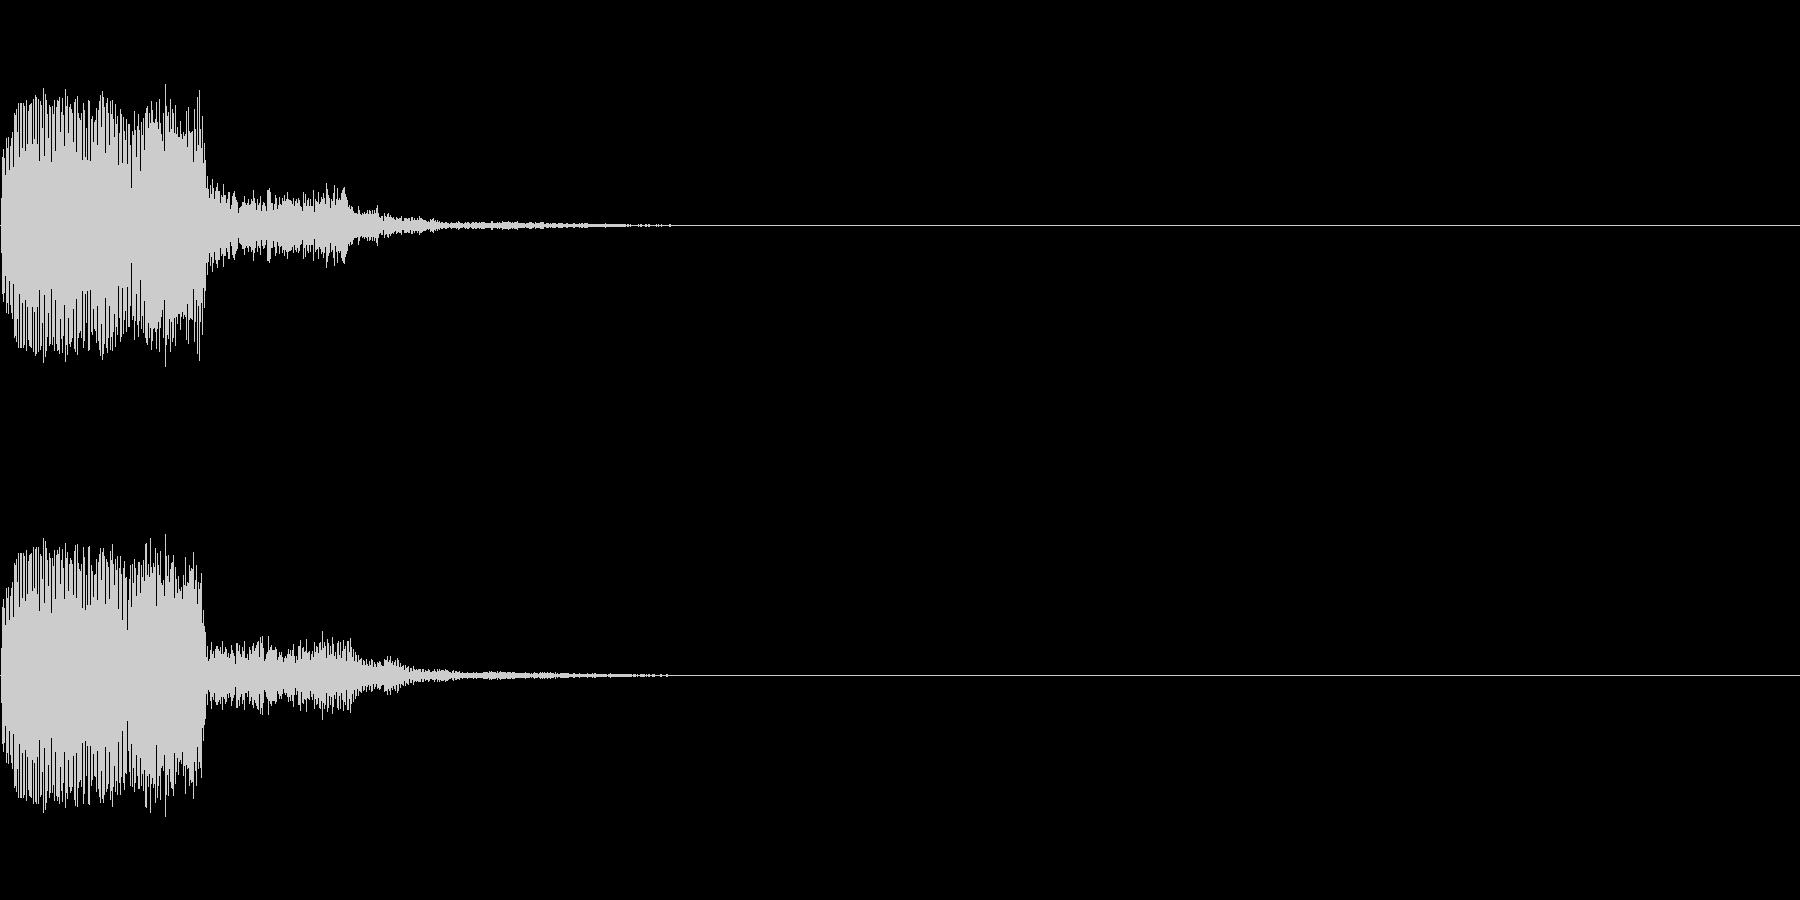 キュイン(ゲーム・アプリ等のセレクト音)の未再生の波形